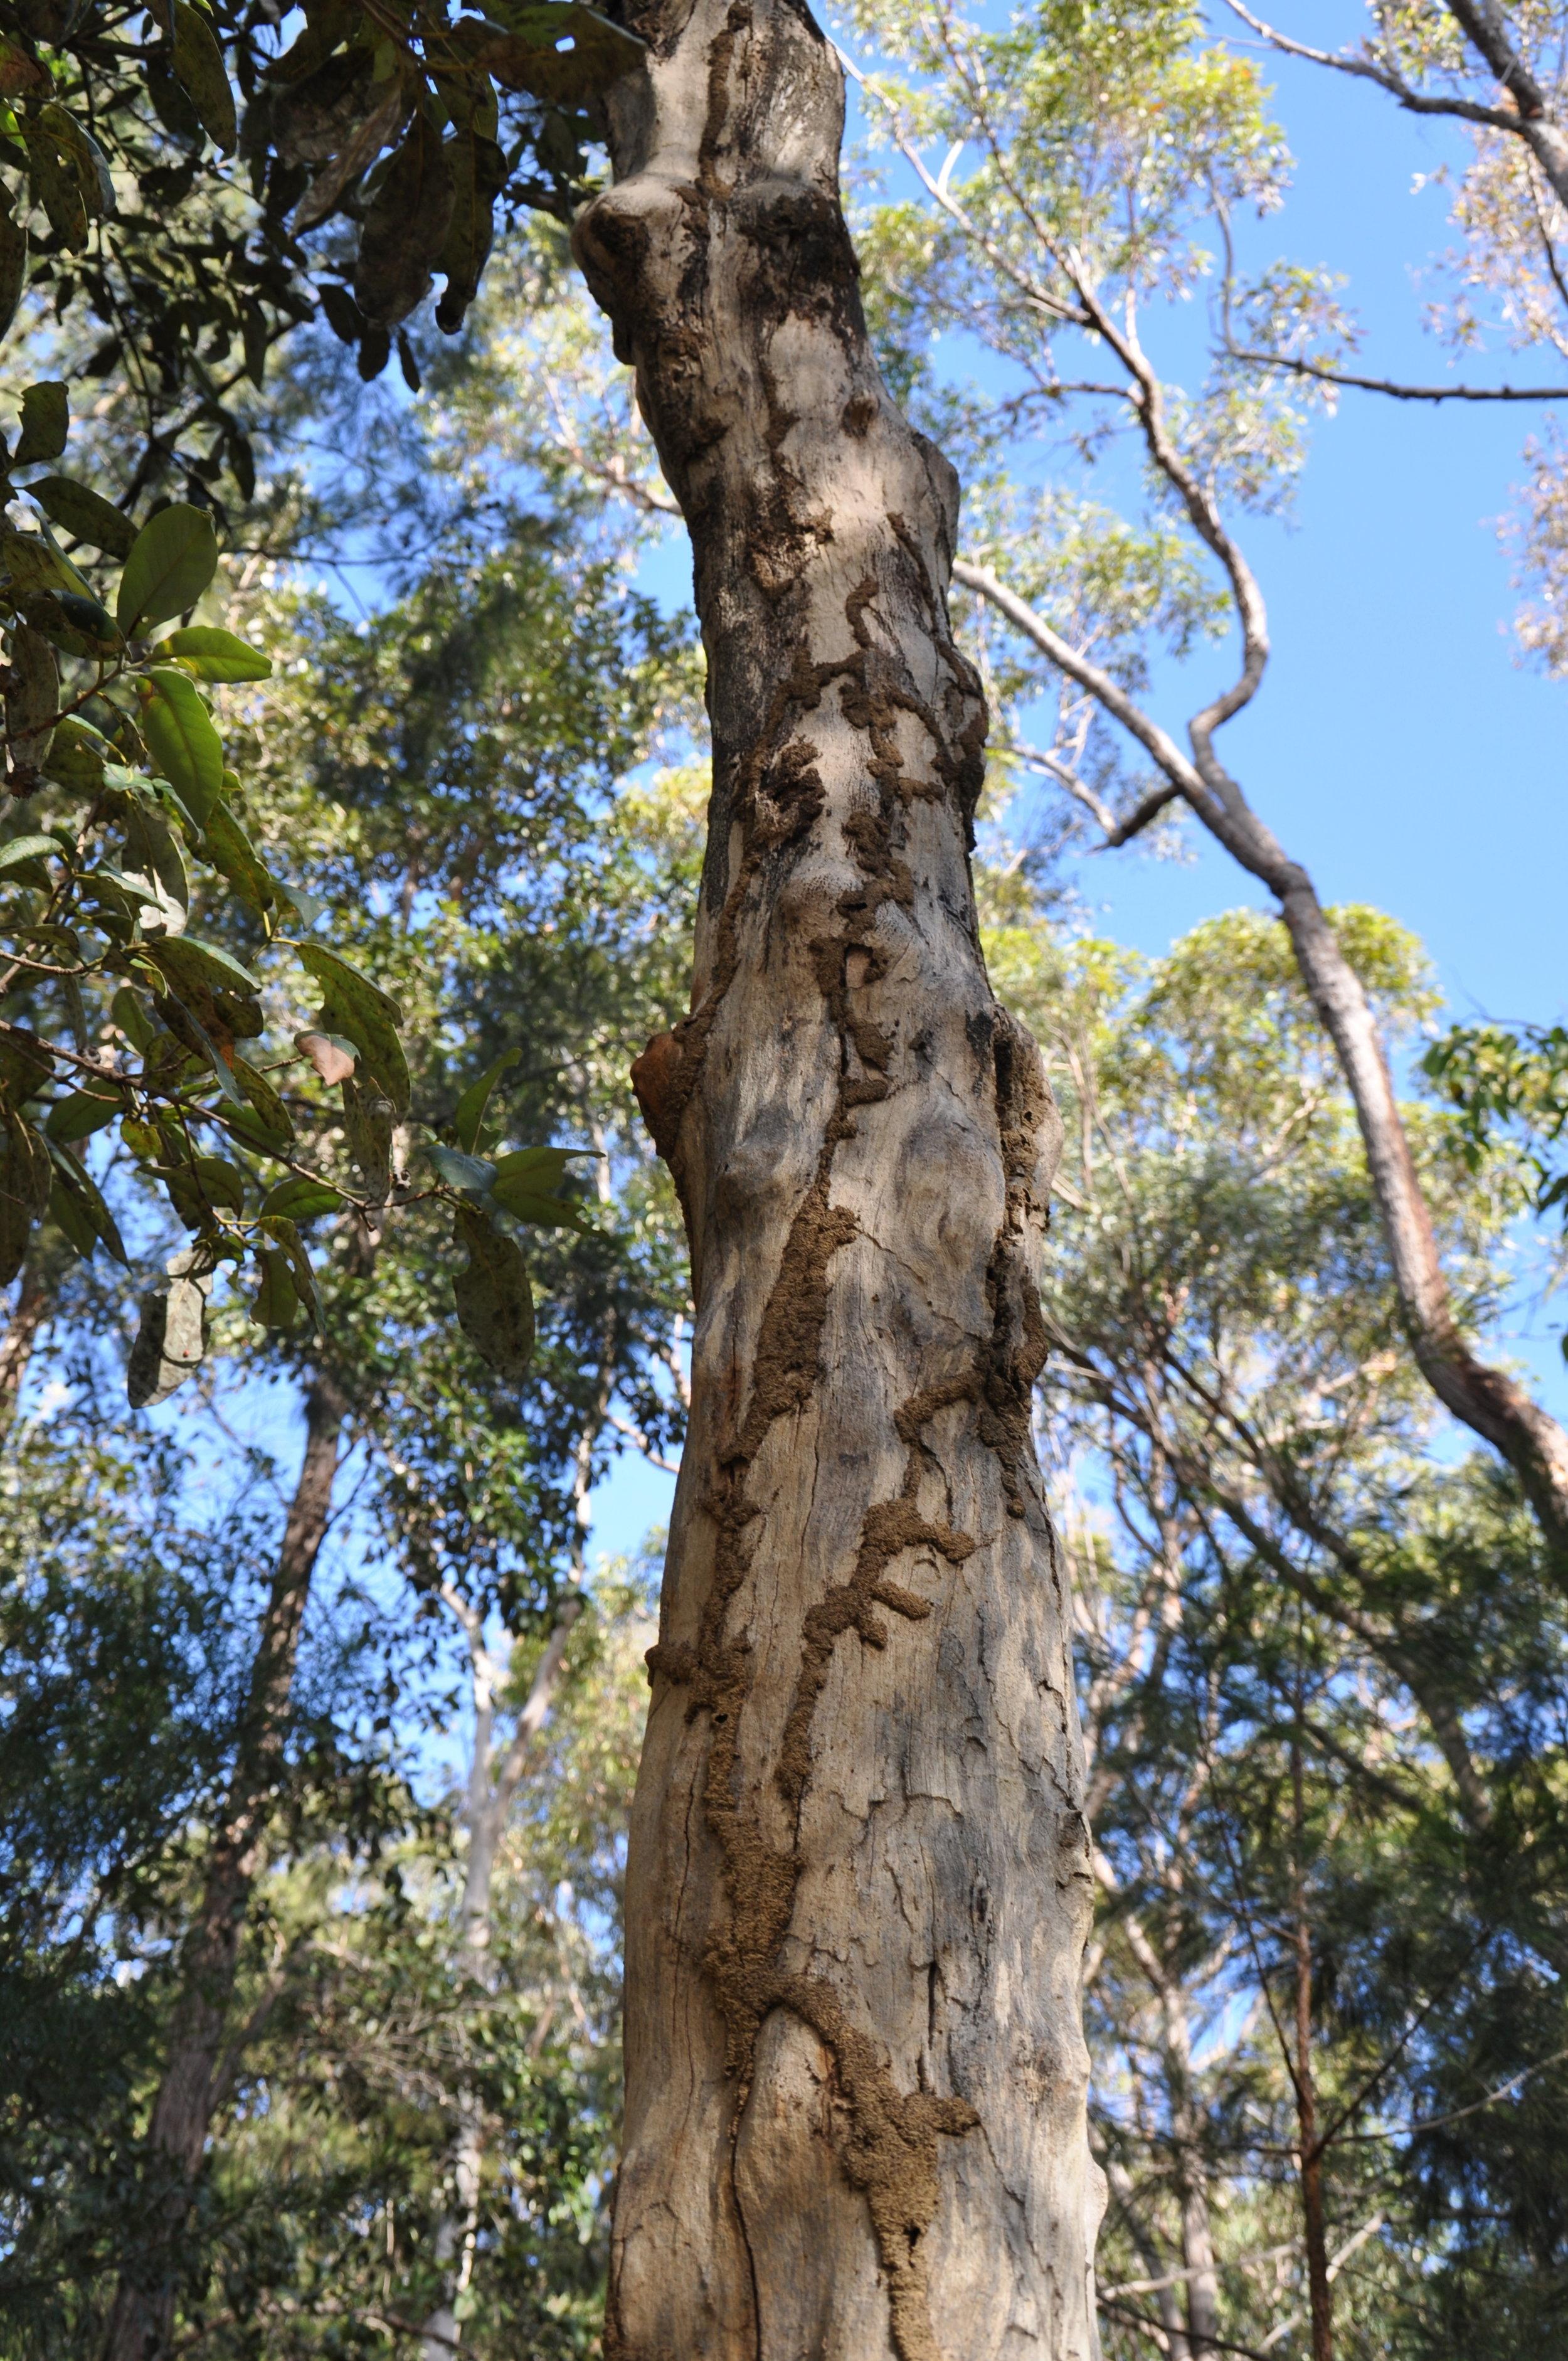 Termite mud tubes on tree